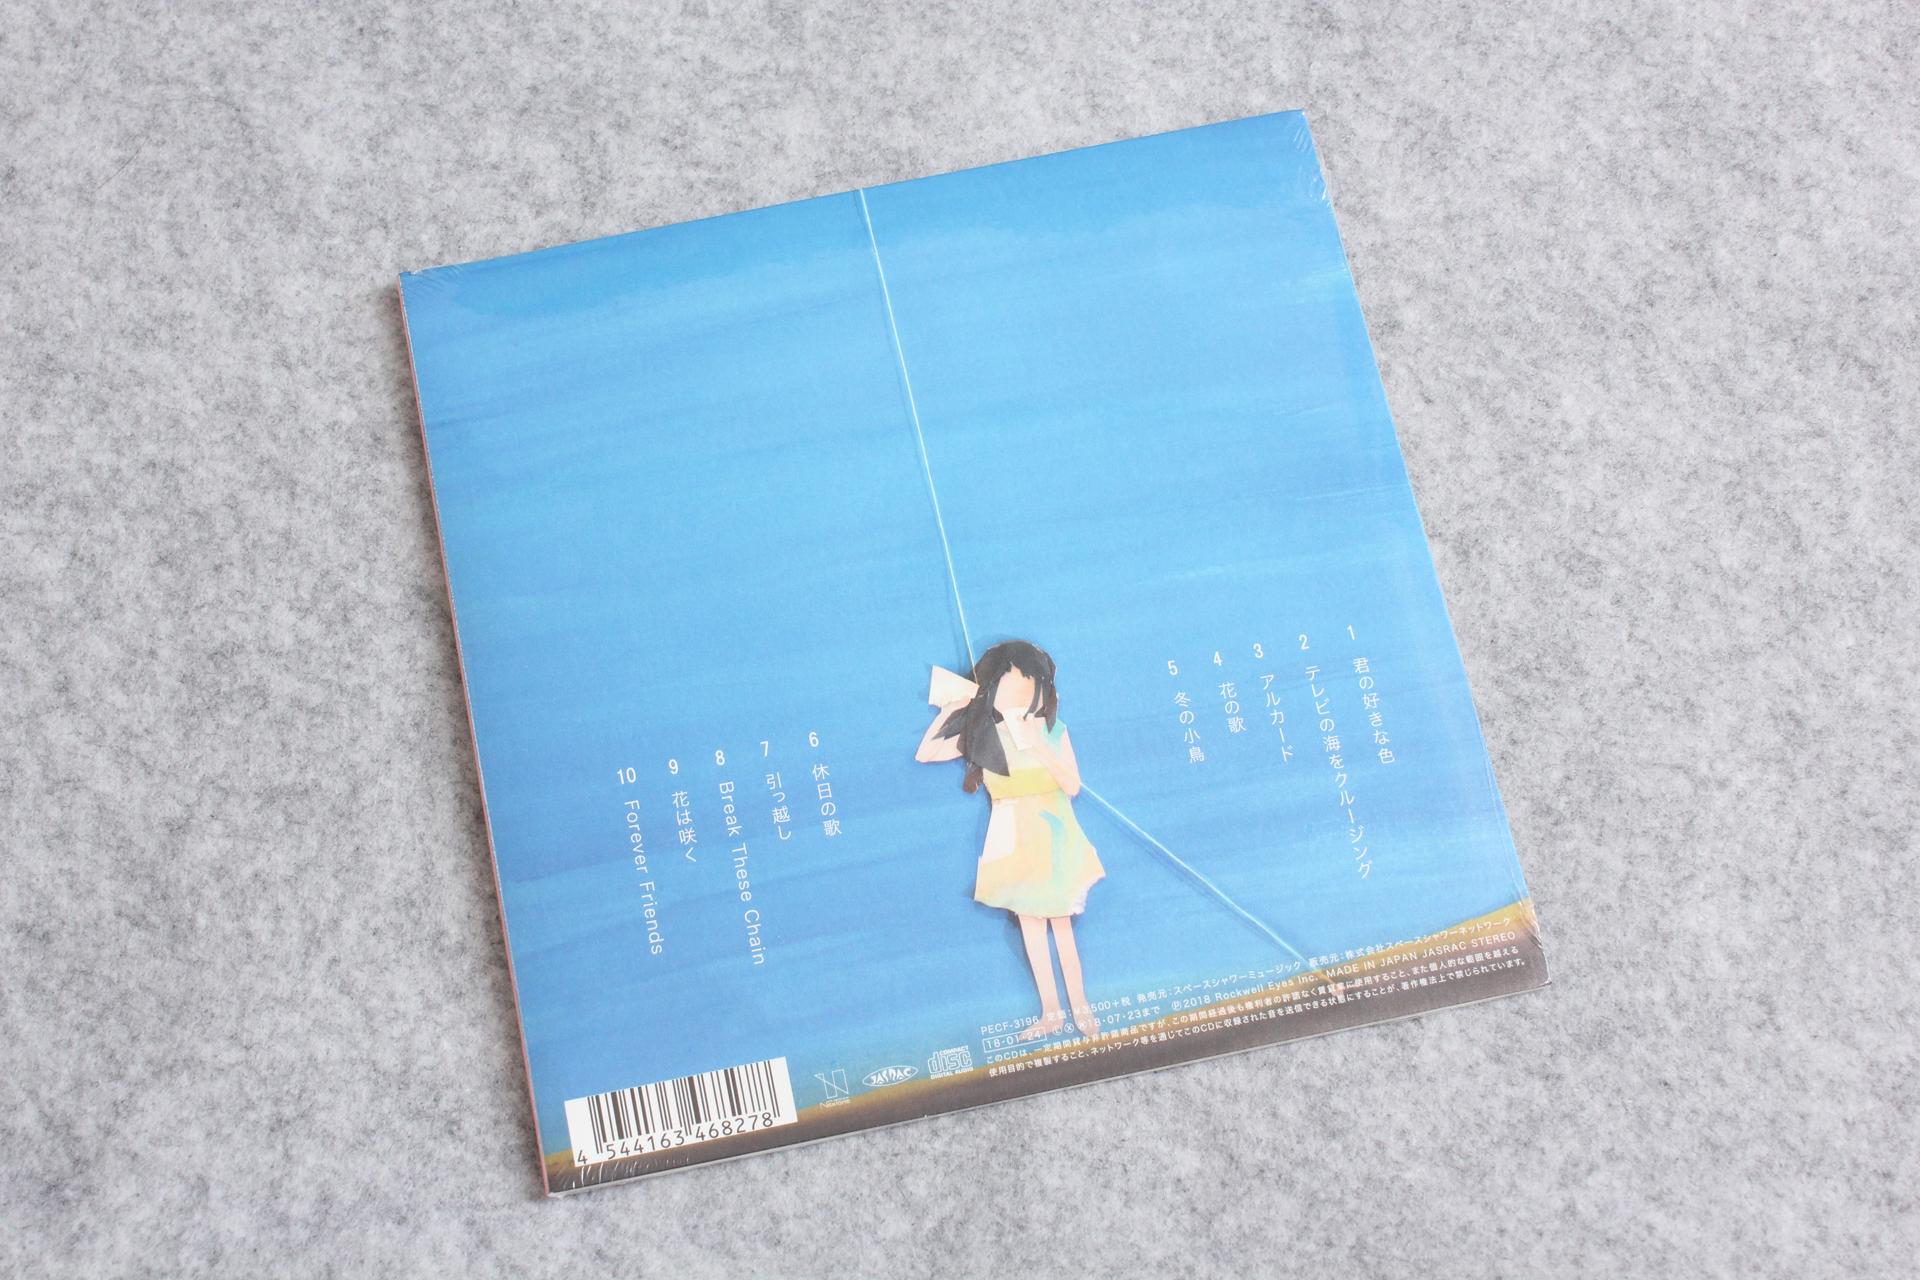 2018-01-26-KISHIKAN_MISHIKAN_CD-2.JPG